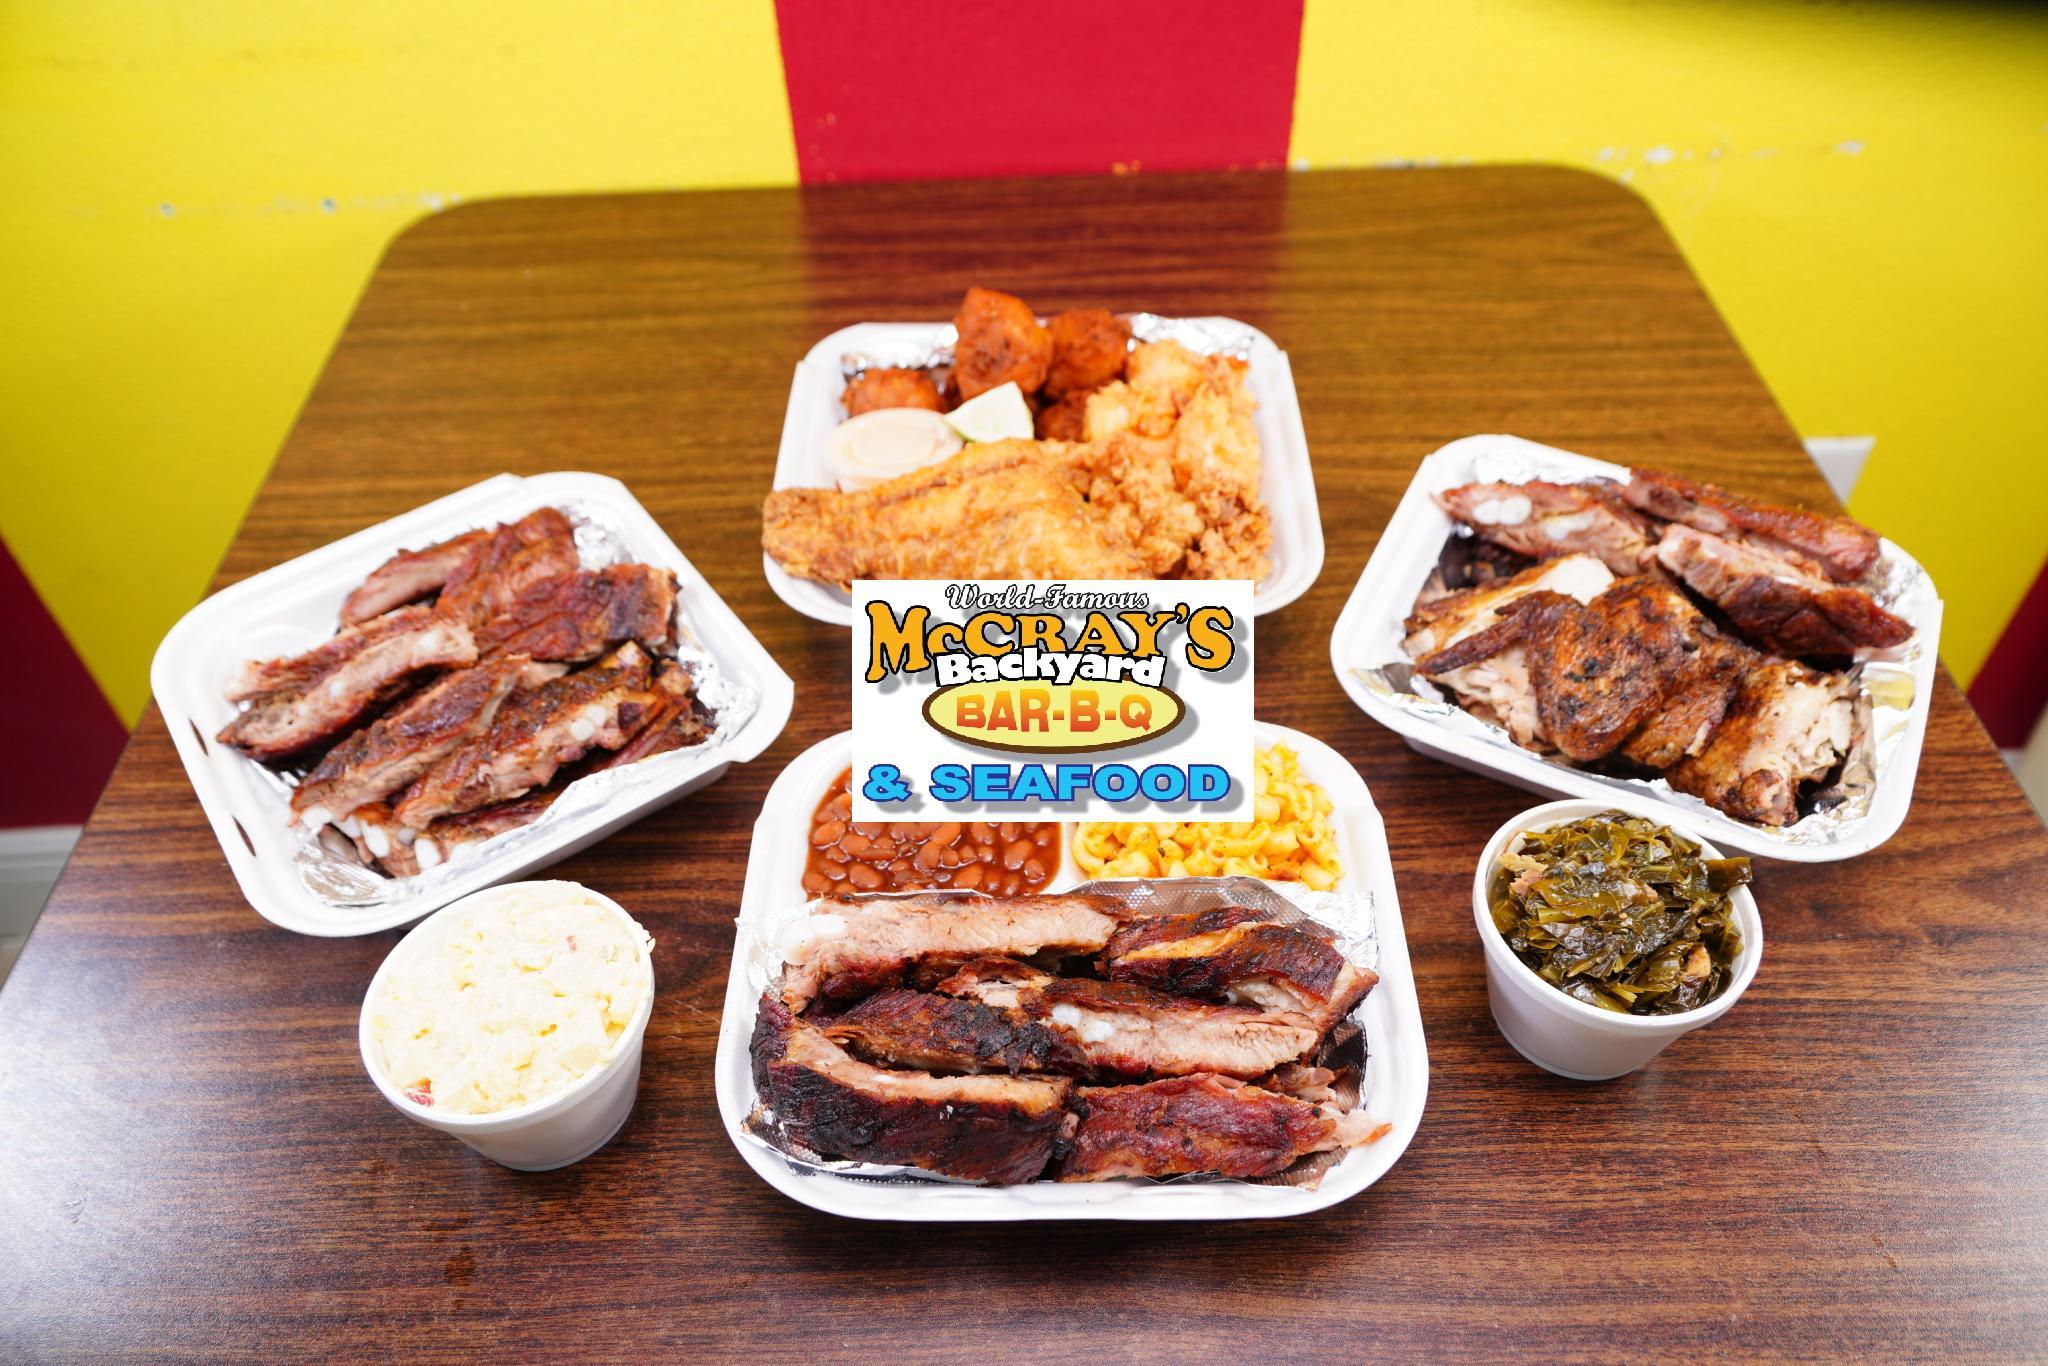 McCray's Backyard BBQ & Seafood